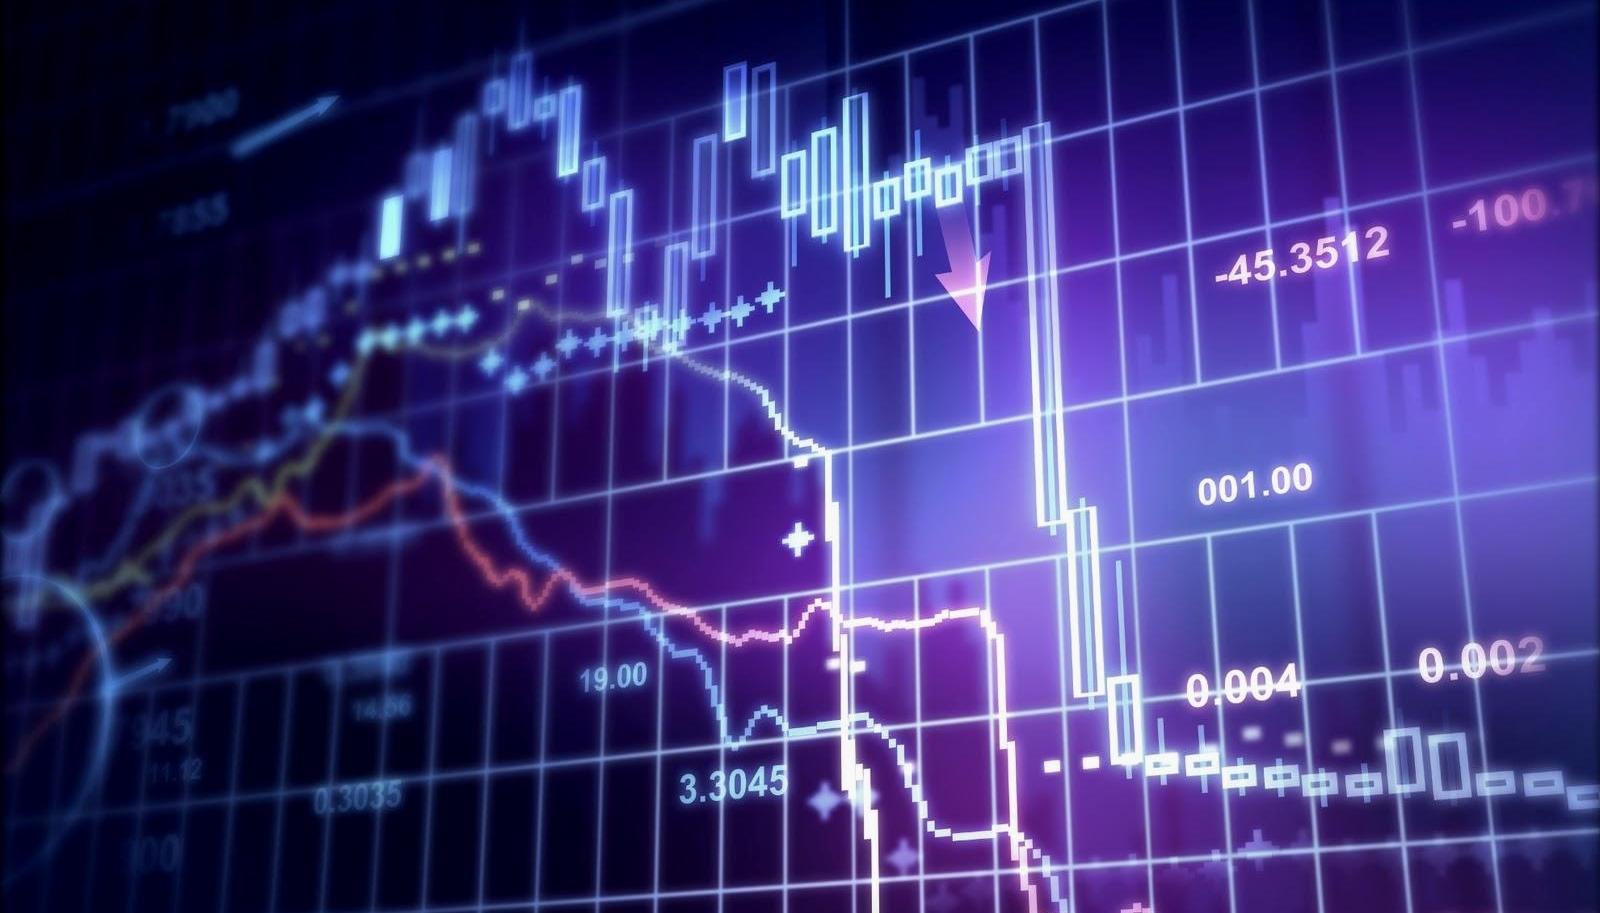 Финансы аналитика биржа, forex, деньги сразу, минимум вложений, автоматический форекс